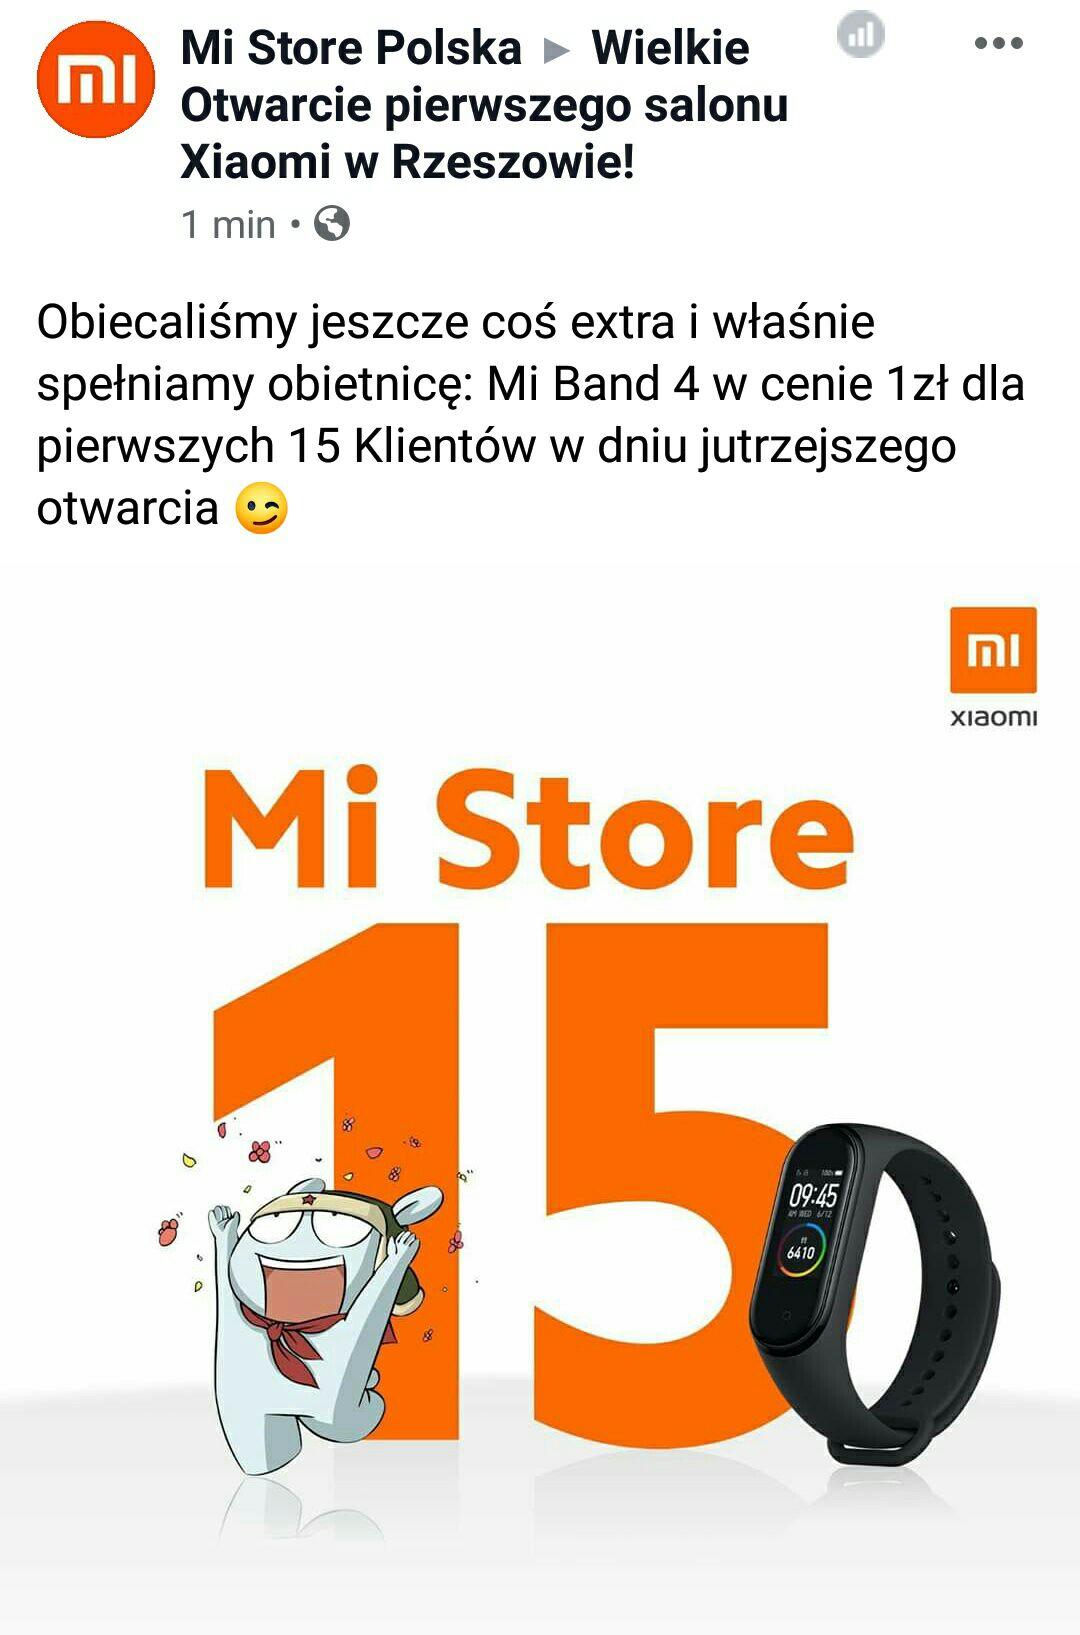 Mi Band 4 za 1zł dla pierwszych 15 klientów nowego sklepu Mi-Store Rzeszów